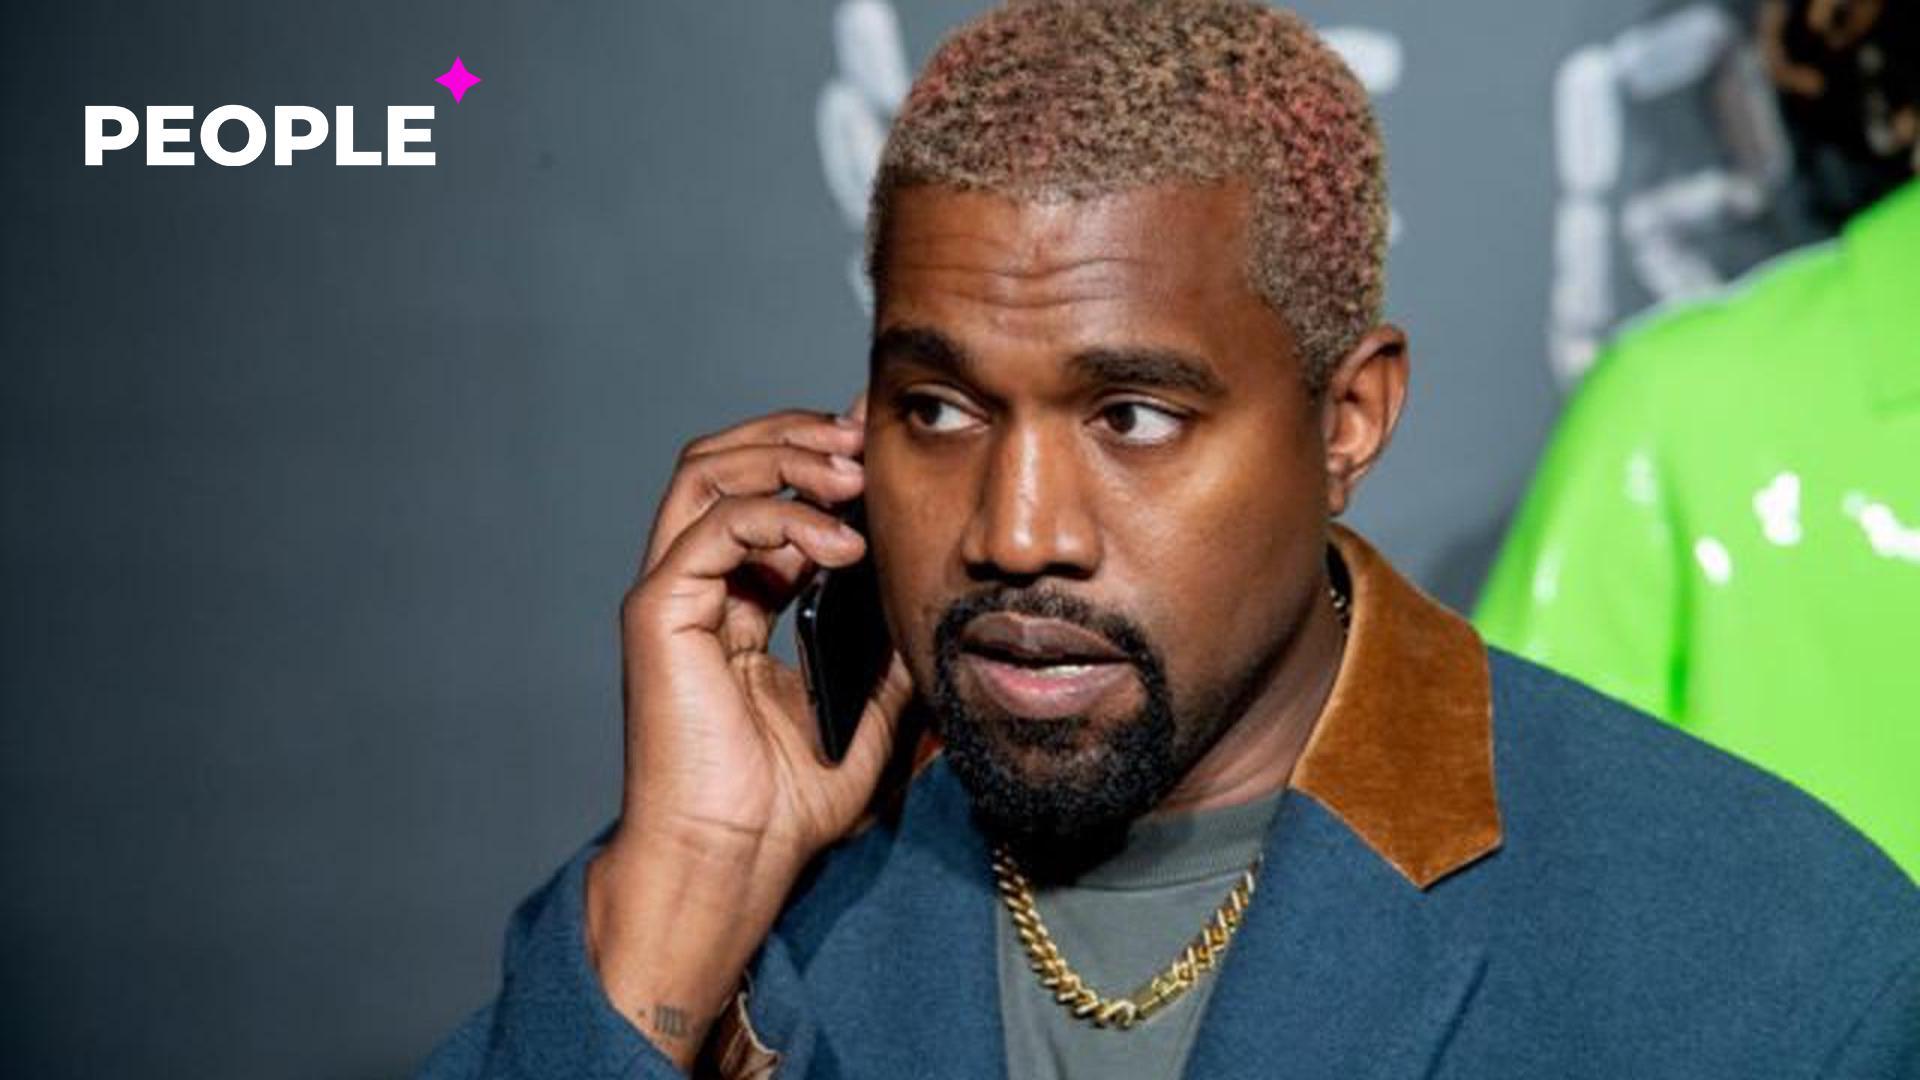 Канье Уэст заявил, что лейбл Universal Music выпустил альбом Donda без его ведома